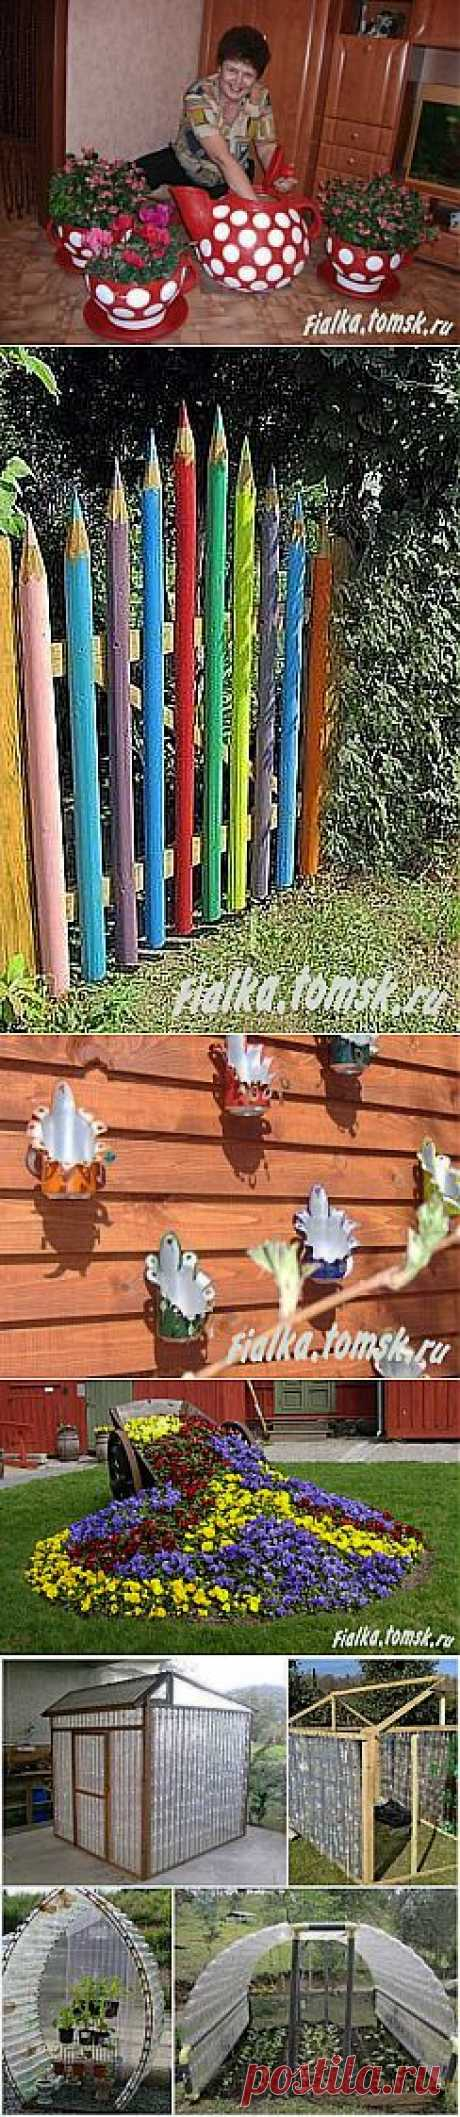 Дизайнерские мысли для дачи, сада или клумбы | ПолонСил.ру - социальная сеть здоровья